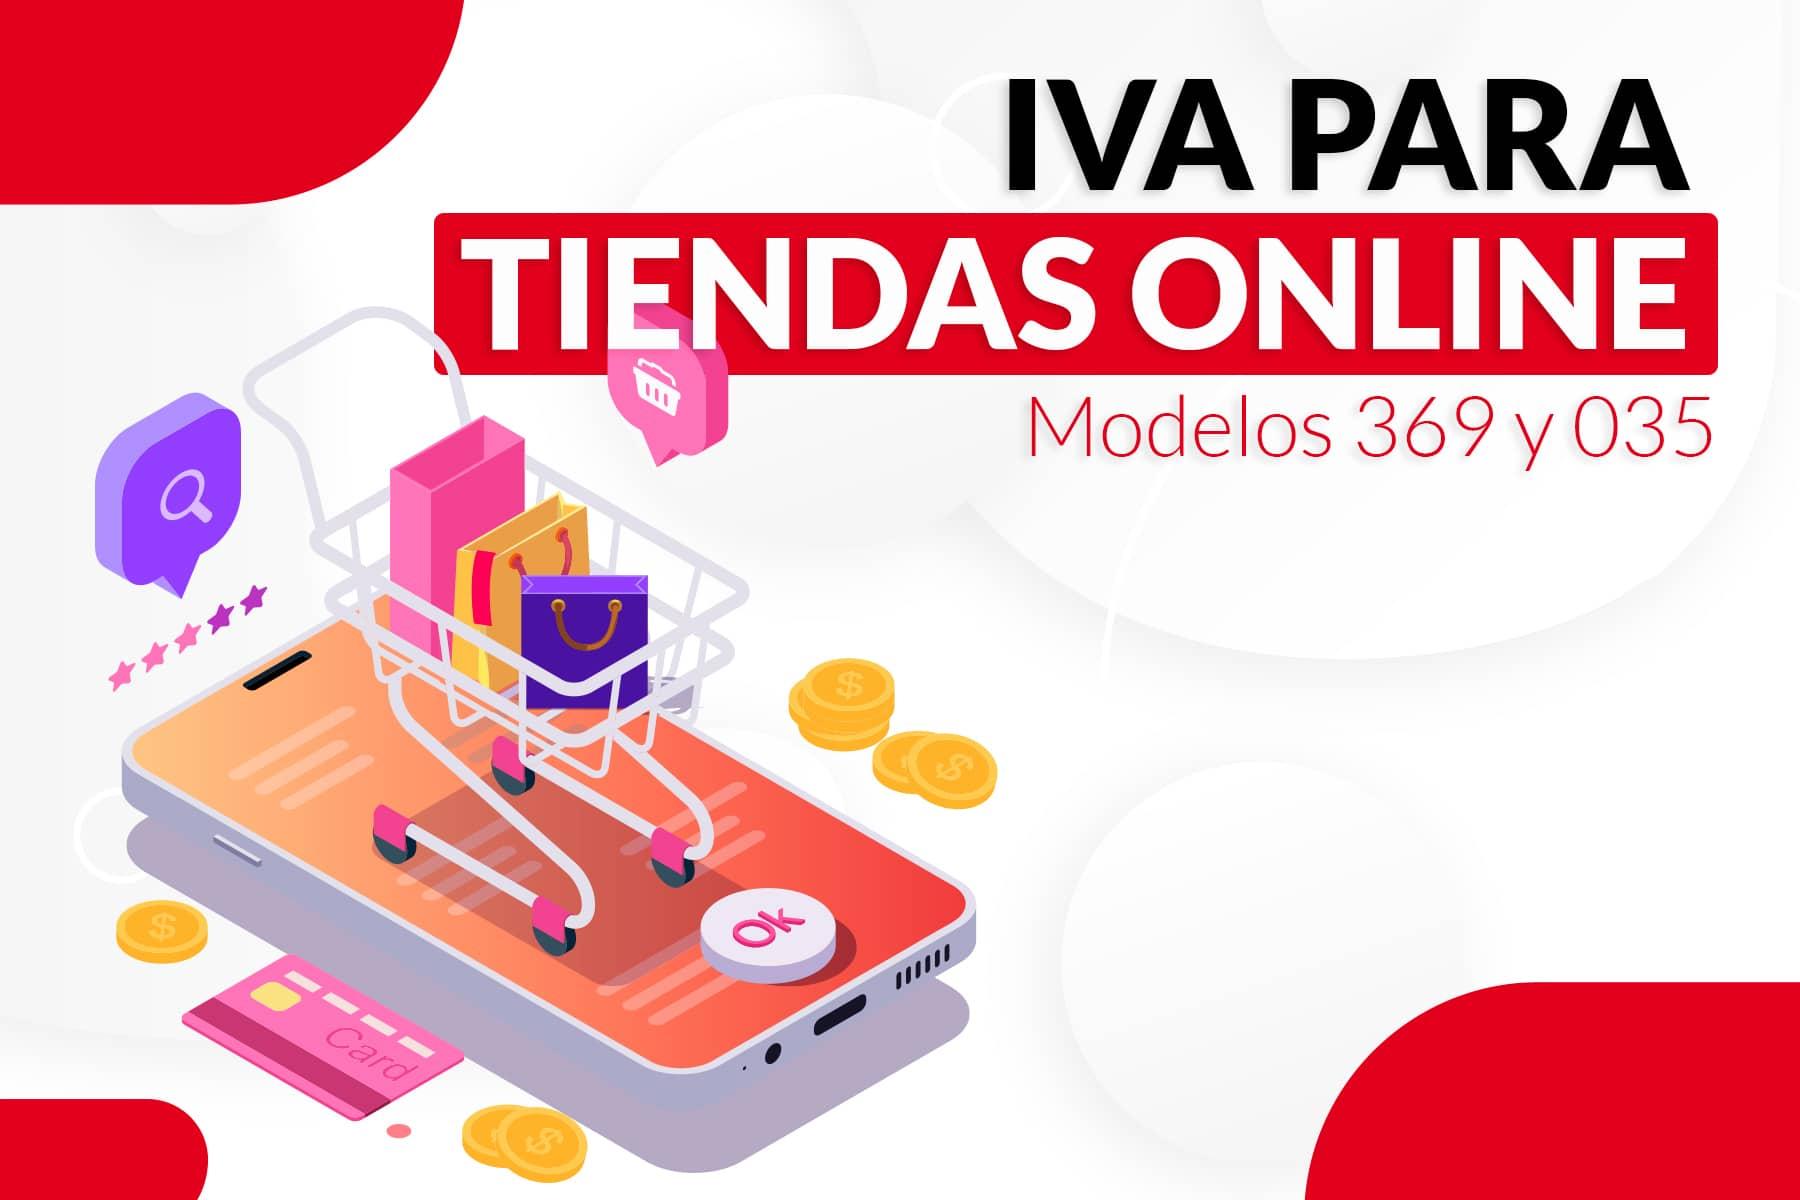 IVA para Tiendas Online: Modelos 369 y 035